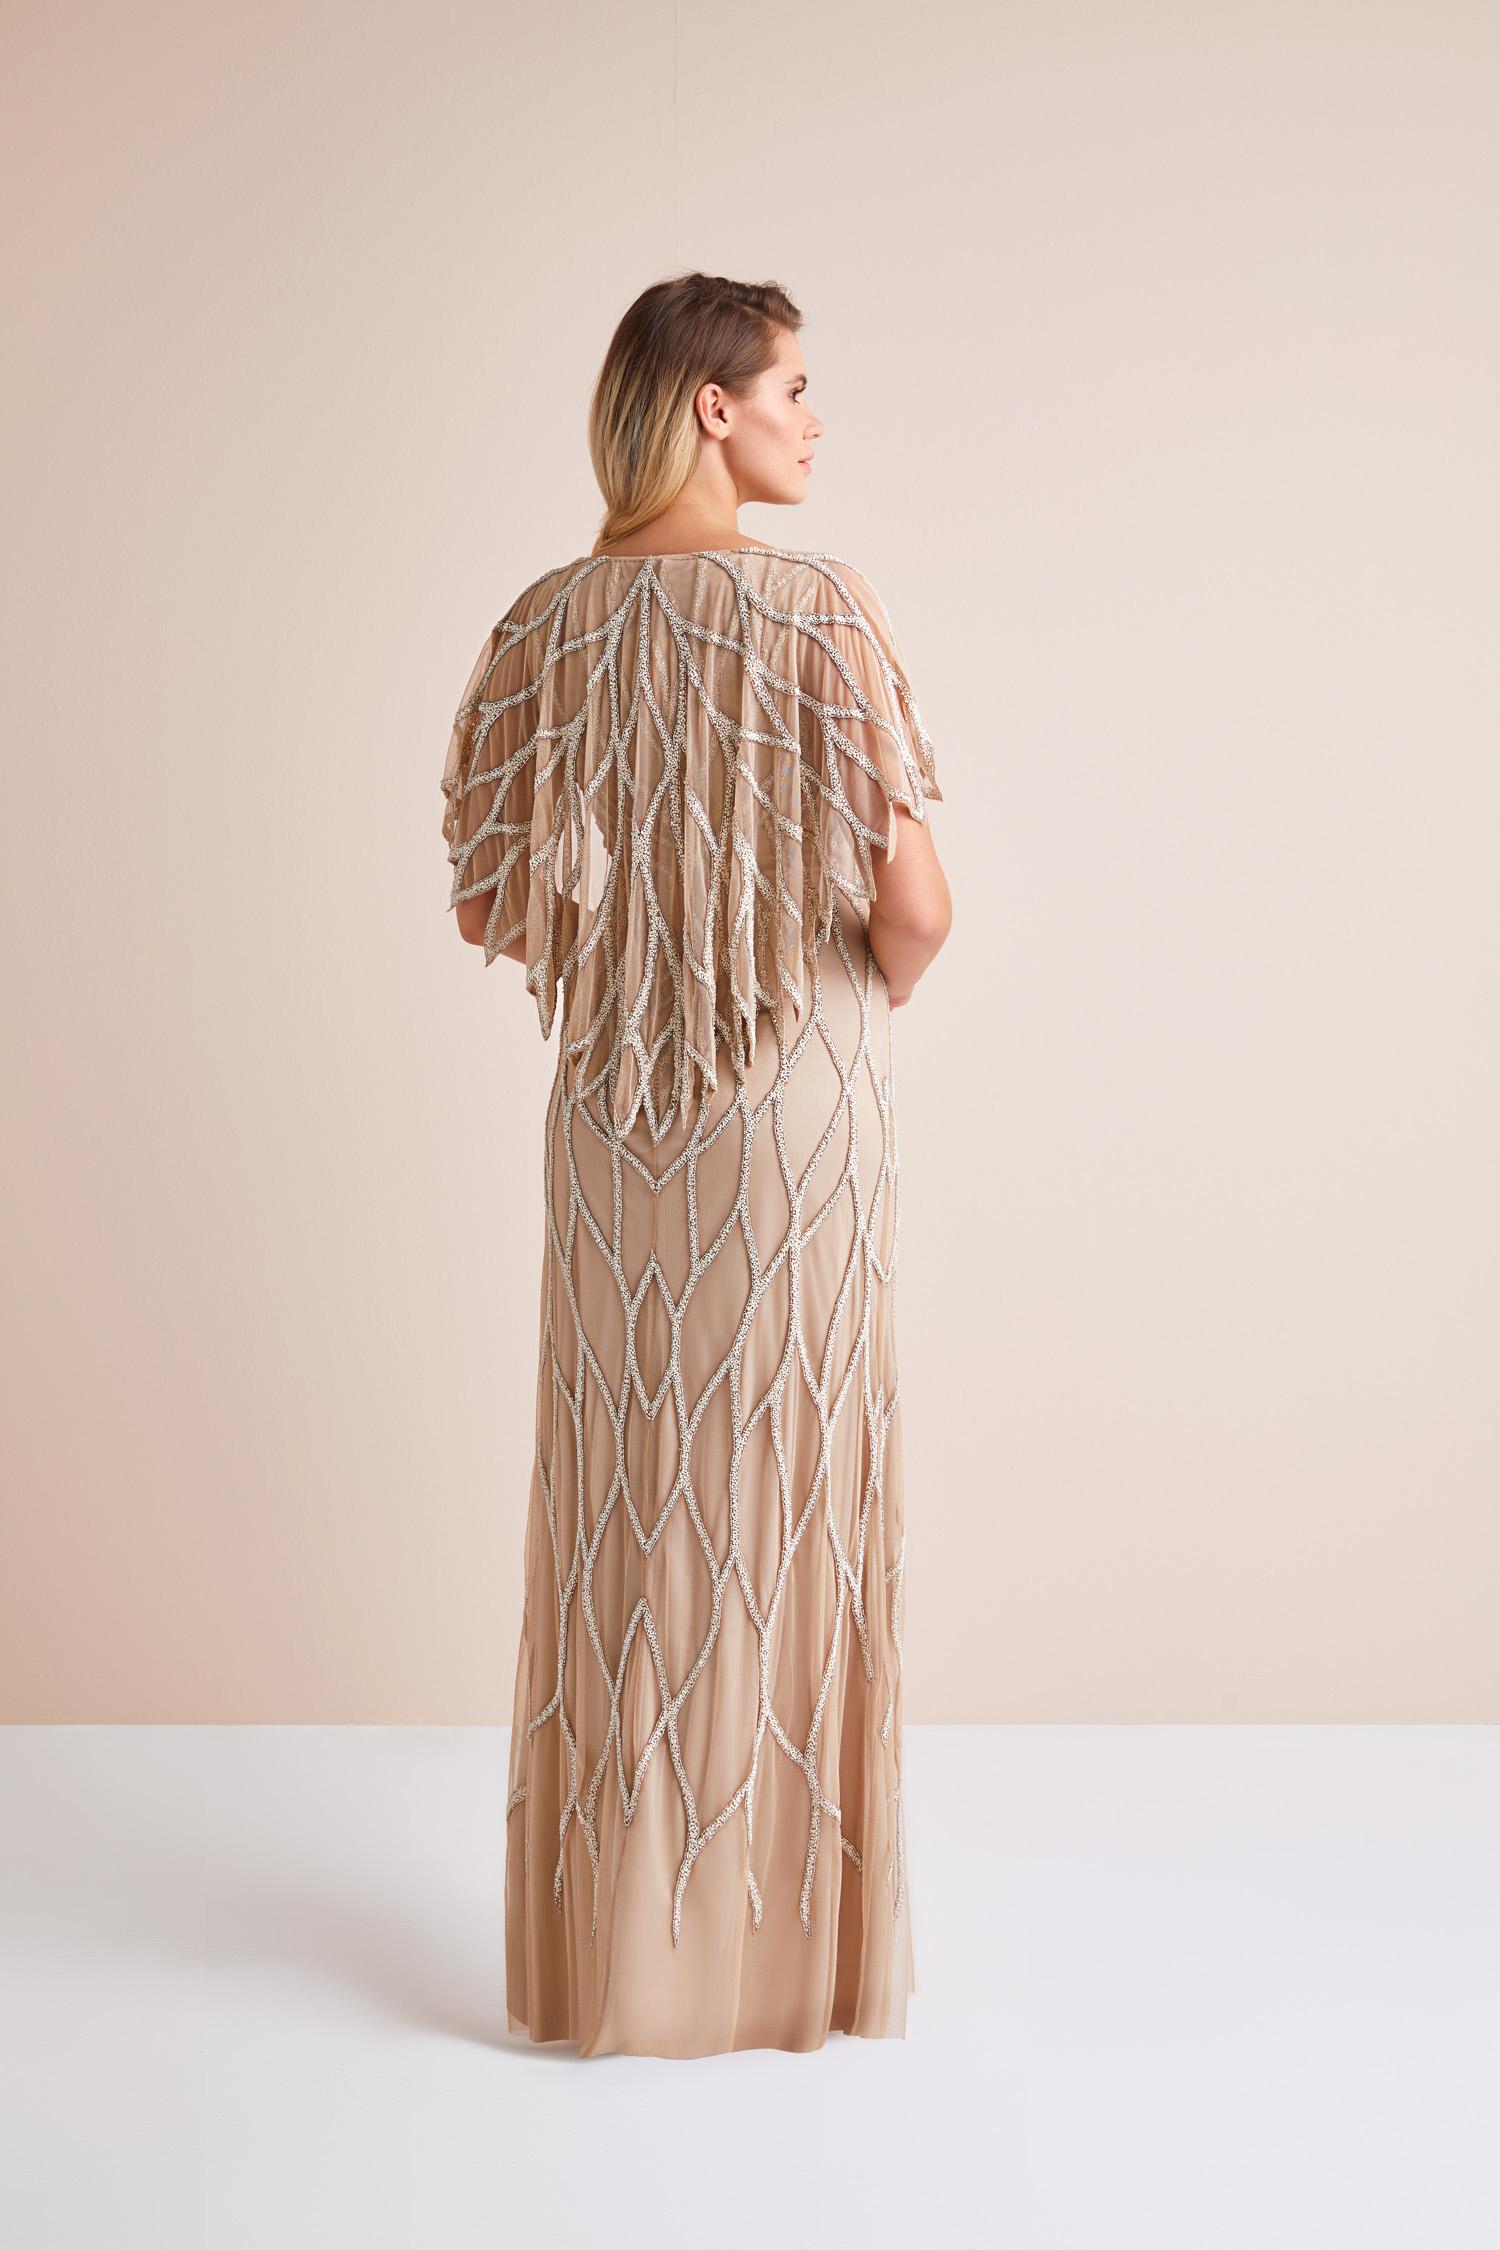 Kısa Kollu Payet İşlemeli Altın Rengi Uzun Büyük Beden Abiye Elbise - Thumbnail